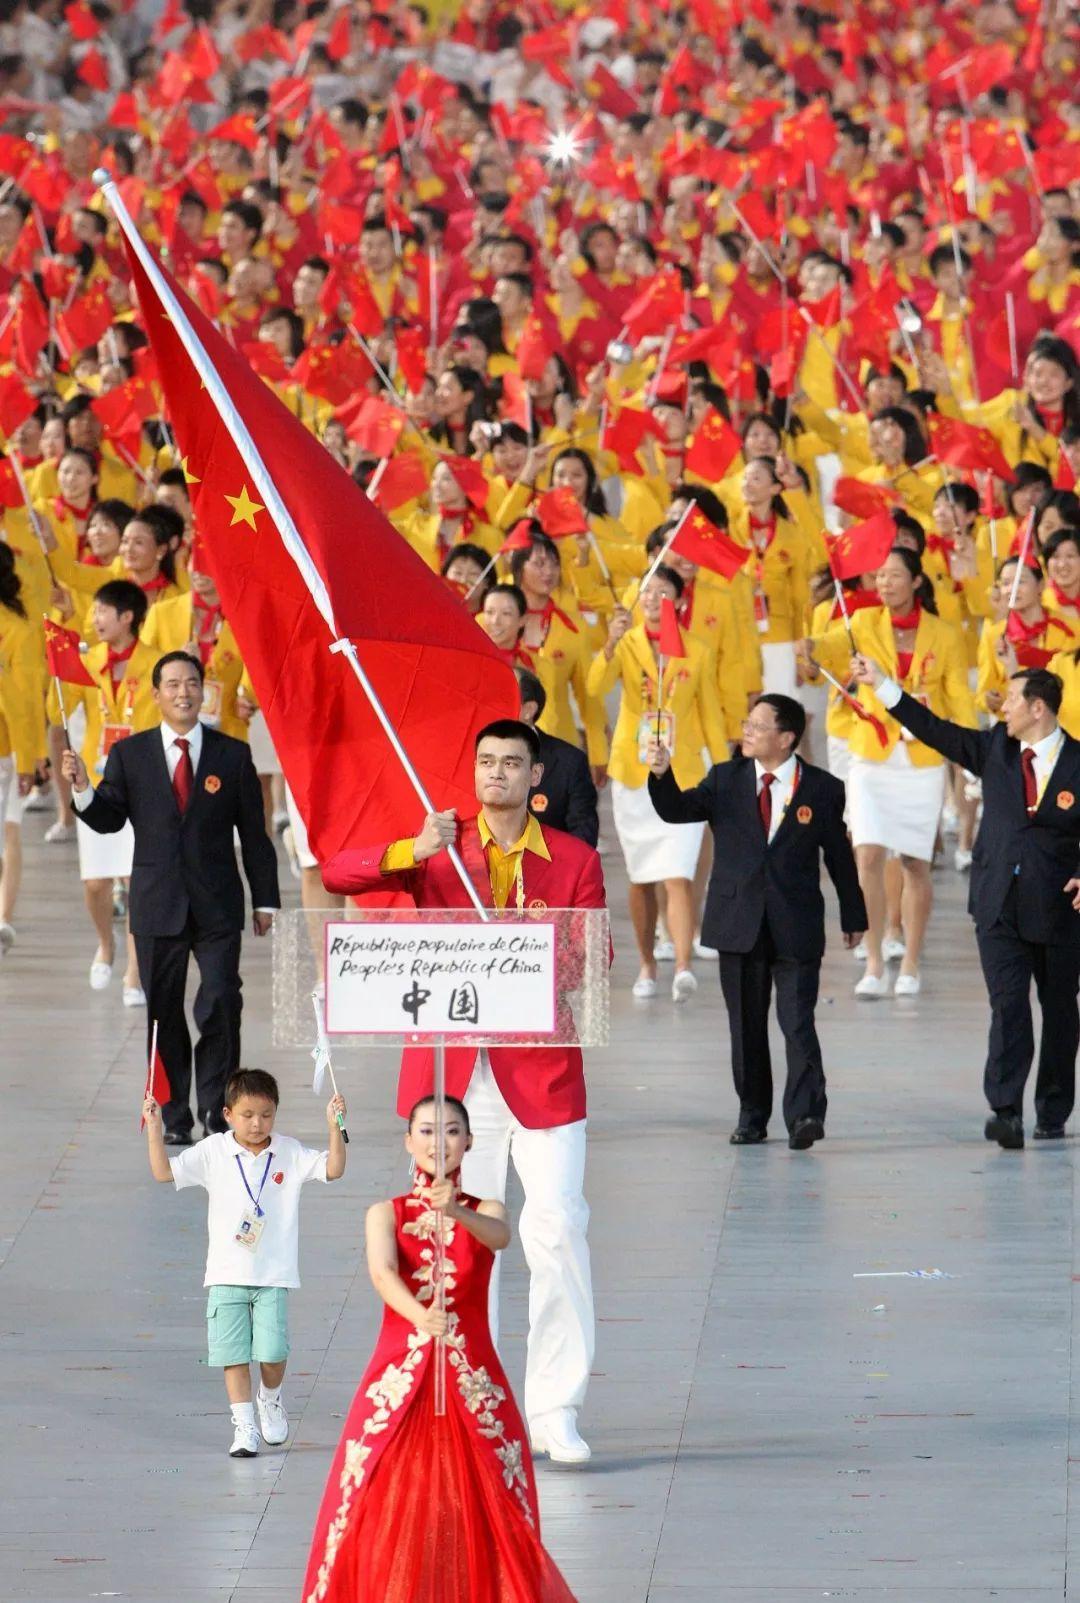 北京奥运十年后:举重冠军频涉禁药 体操冠军多人被骗